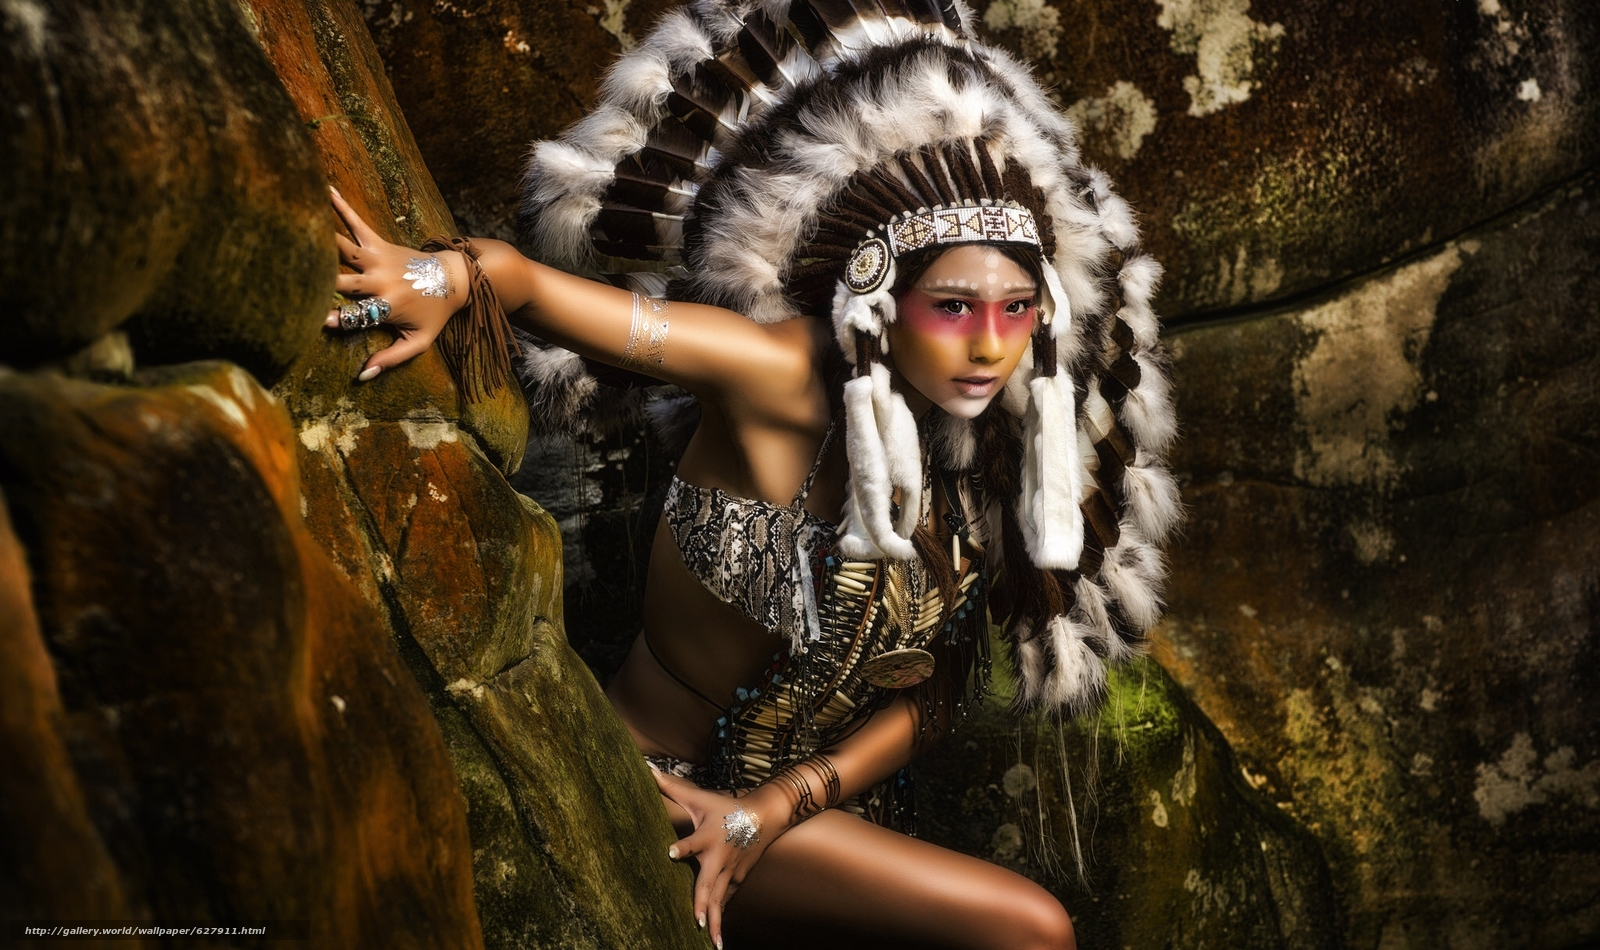 индианка, скво, раскрас, роуч, перья